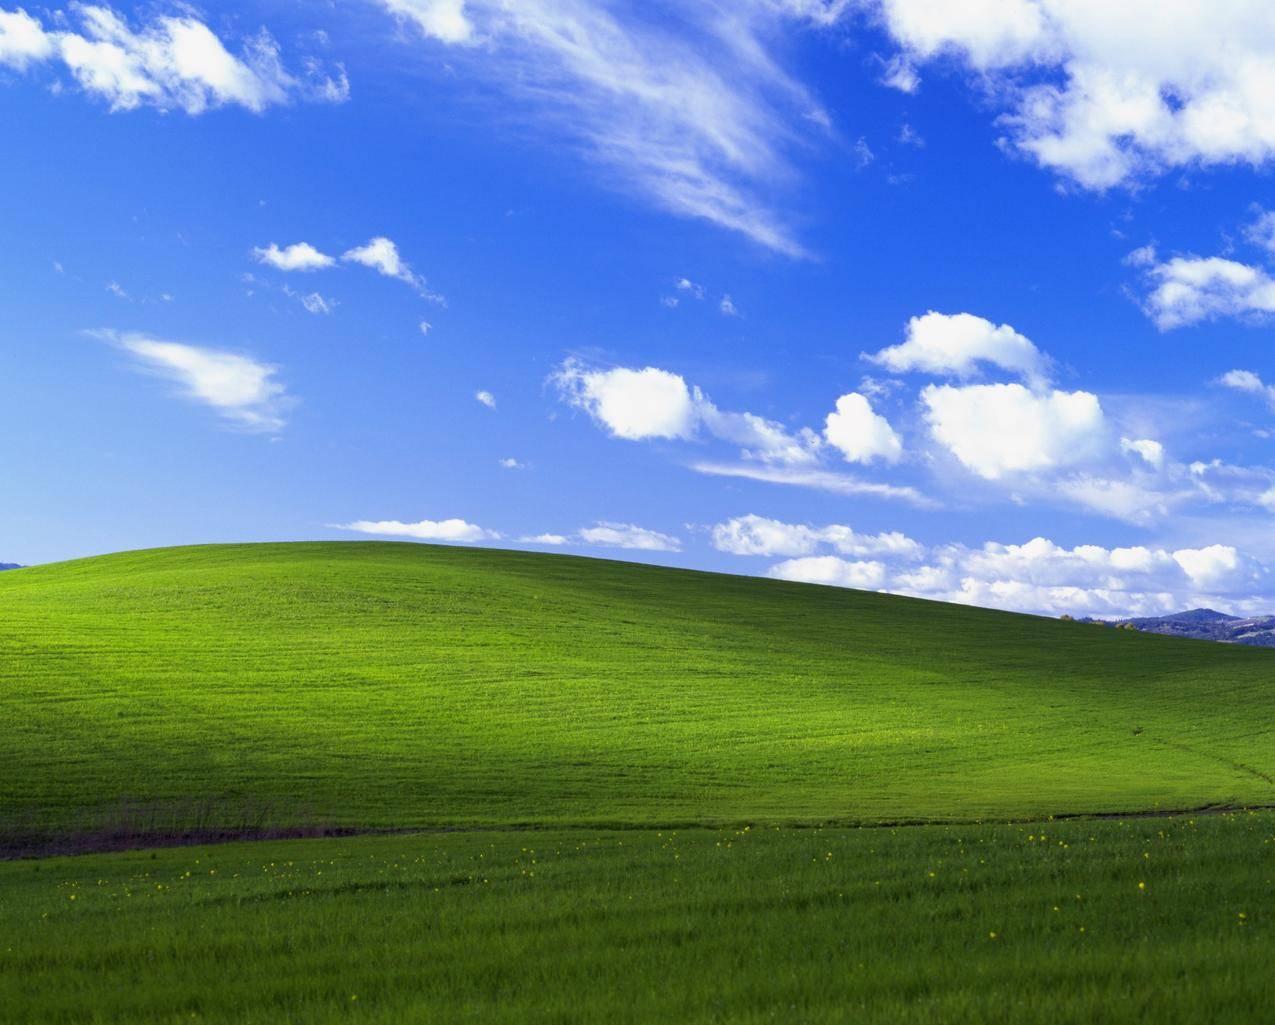 蓝天白云绿草地宁静的图片,xp经典蓝天白云4K壁纸